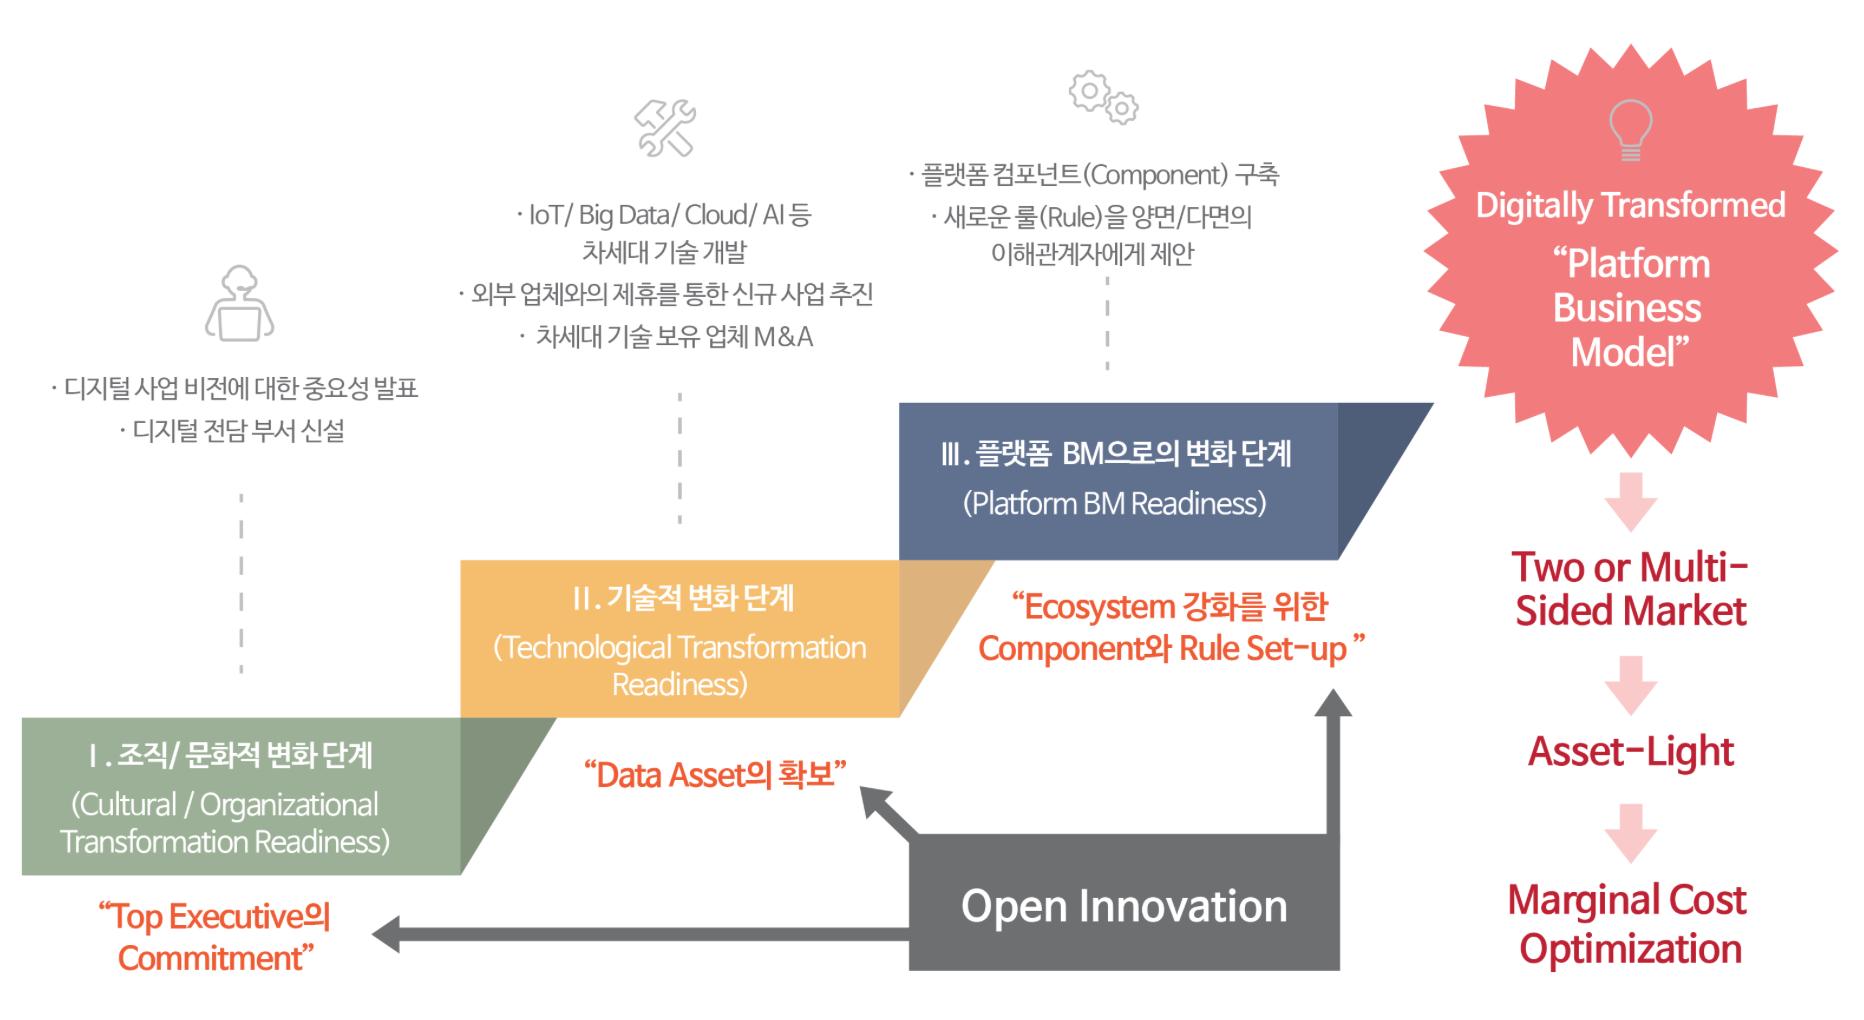 국내 대기업/중견기업들에게 요구되는 Digital Transformation의 3단계 (3 Steps for Digital Transformation) 출처=로아컨설팅, 2016.